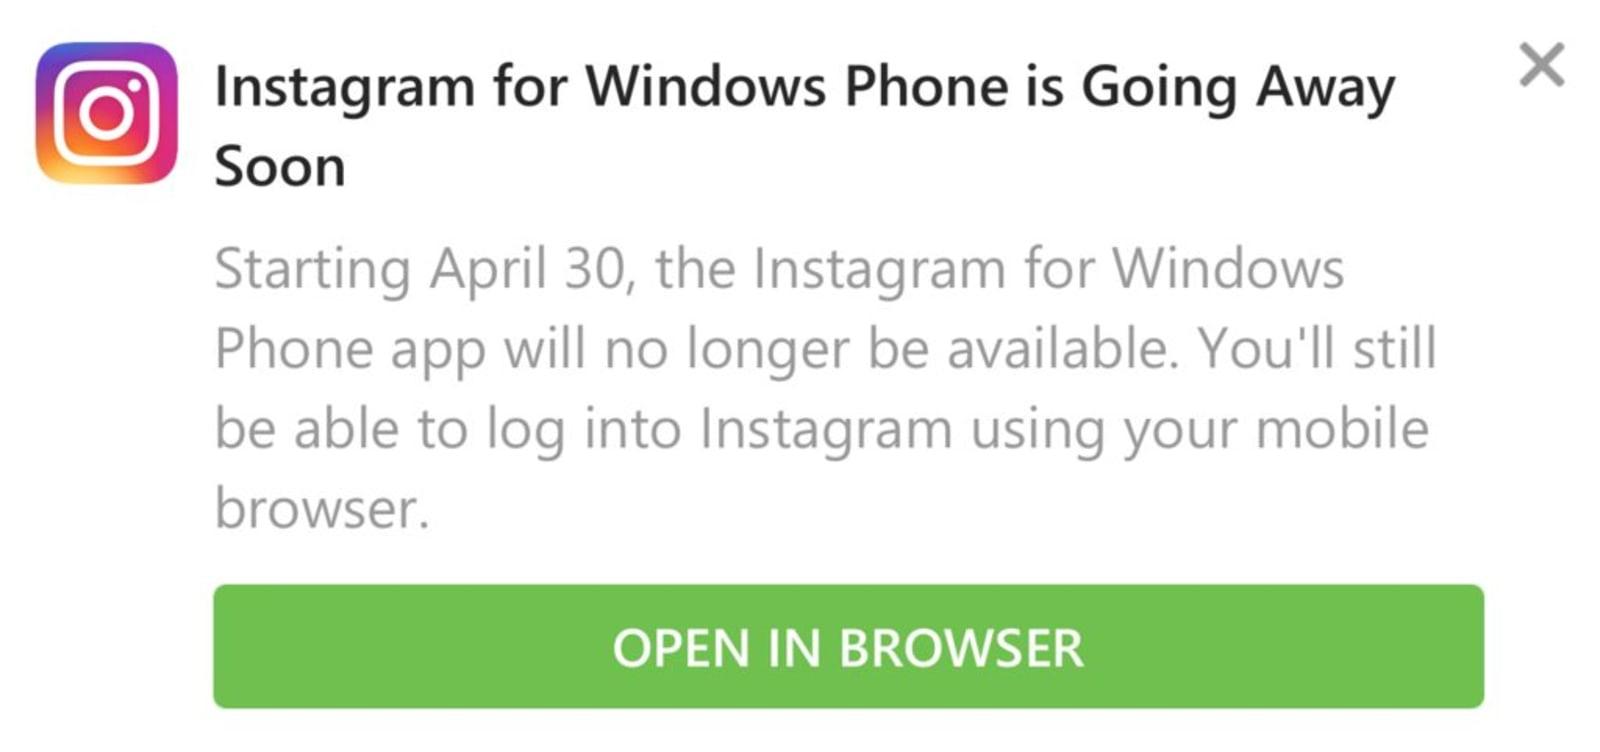 Un message indiquant que Instagram pour Windows Phone ne serait plus disponible après le 30 avril.